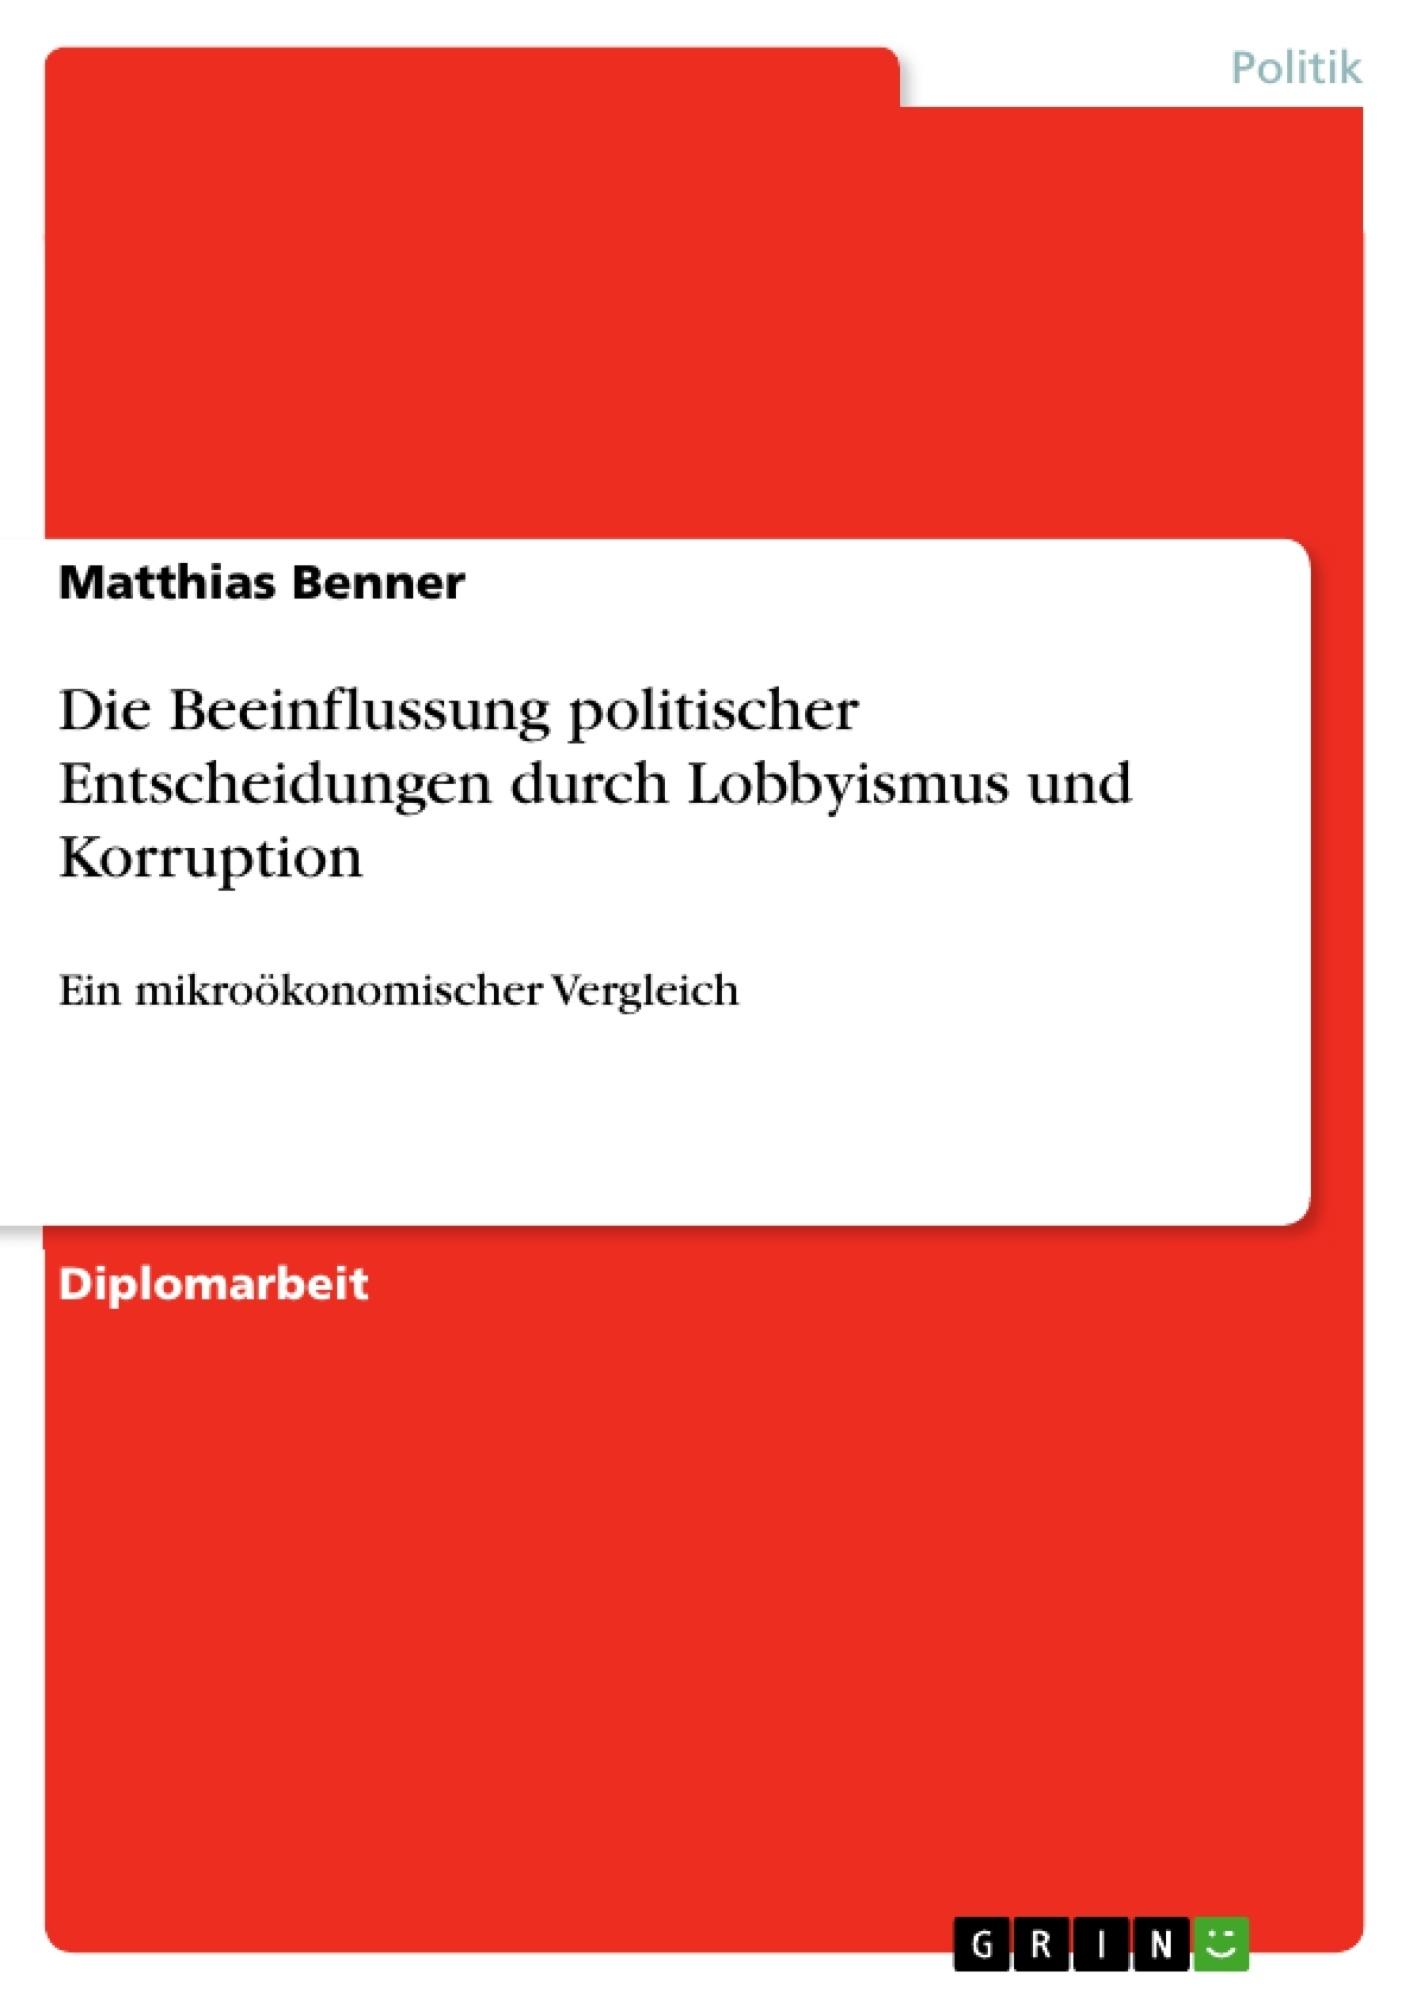 Titel: Die Beeinflussung politischer Entscheidungen durch Lobbyismus und Korruption